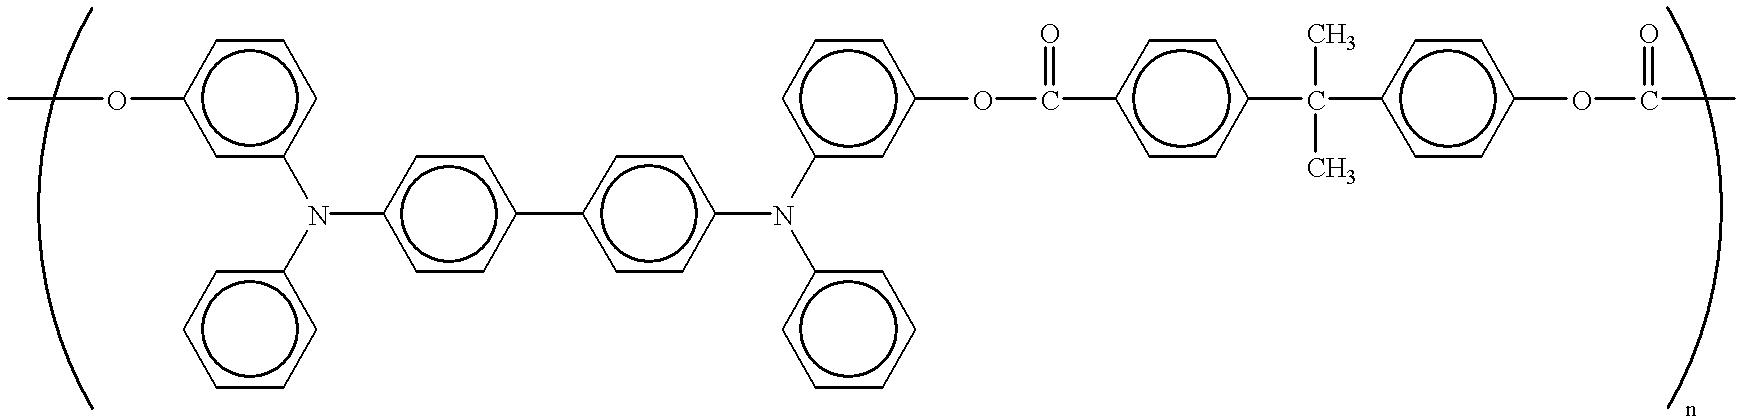 Figure US06558863-20030506-C00099